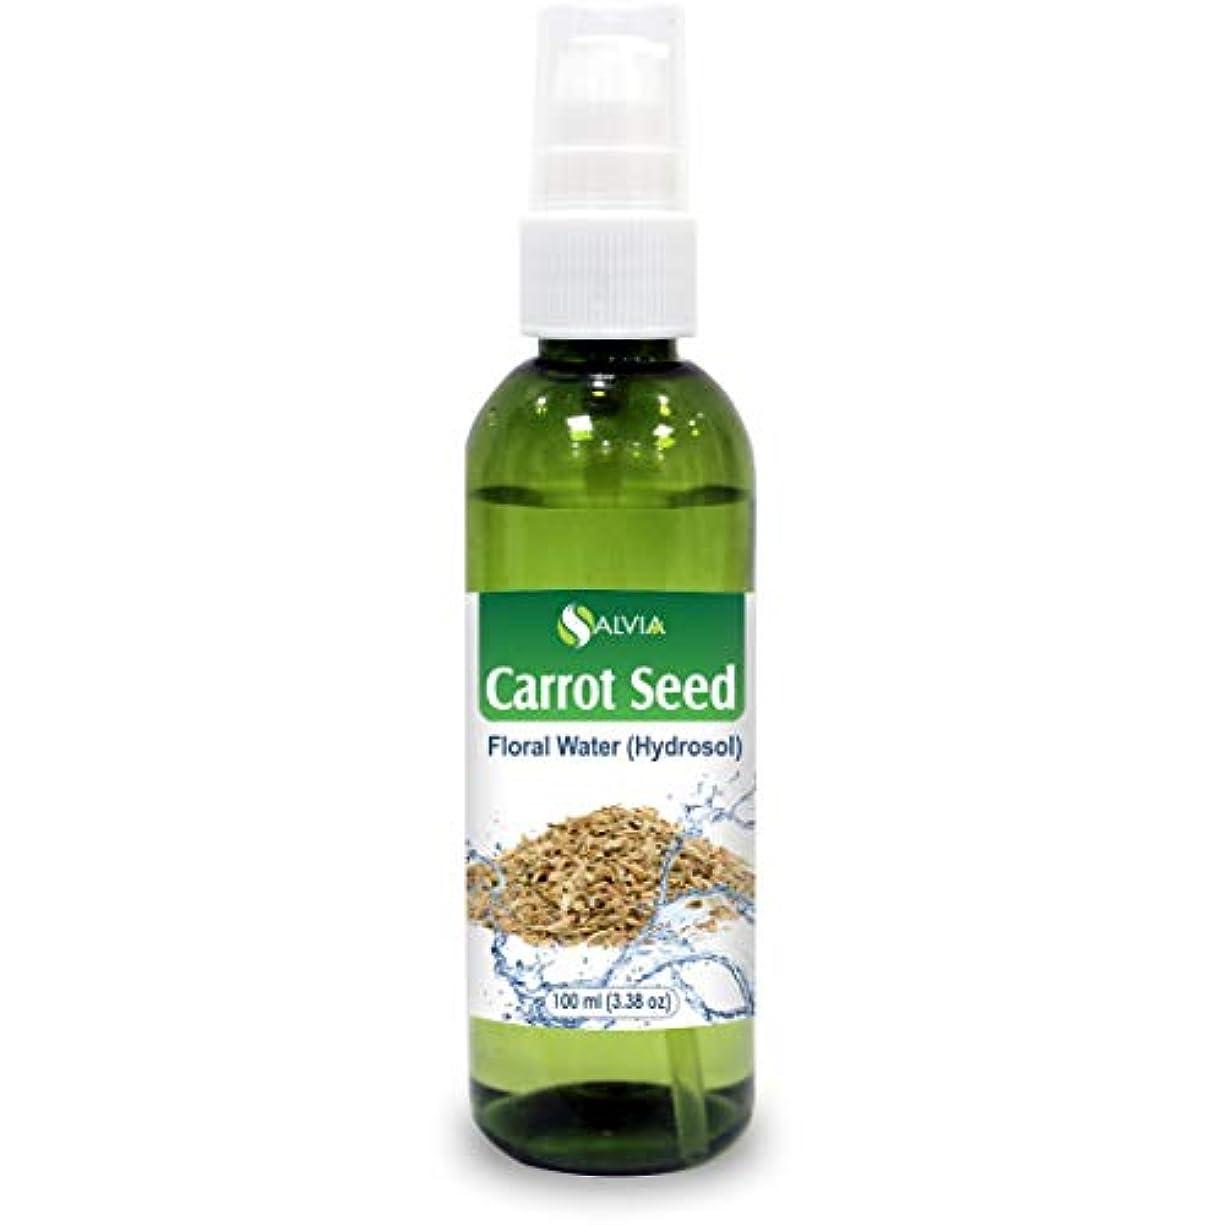 座標作曲家クルーズCarrot Seed Floral Water Floral Water 100ml (Hydrosol) 100% Pure And Natural